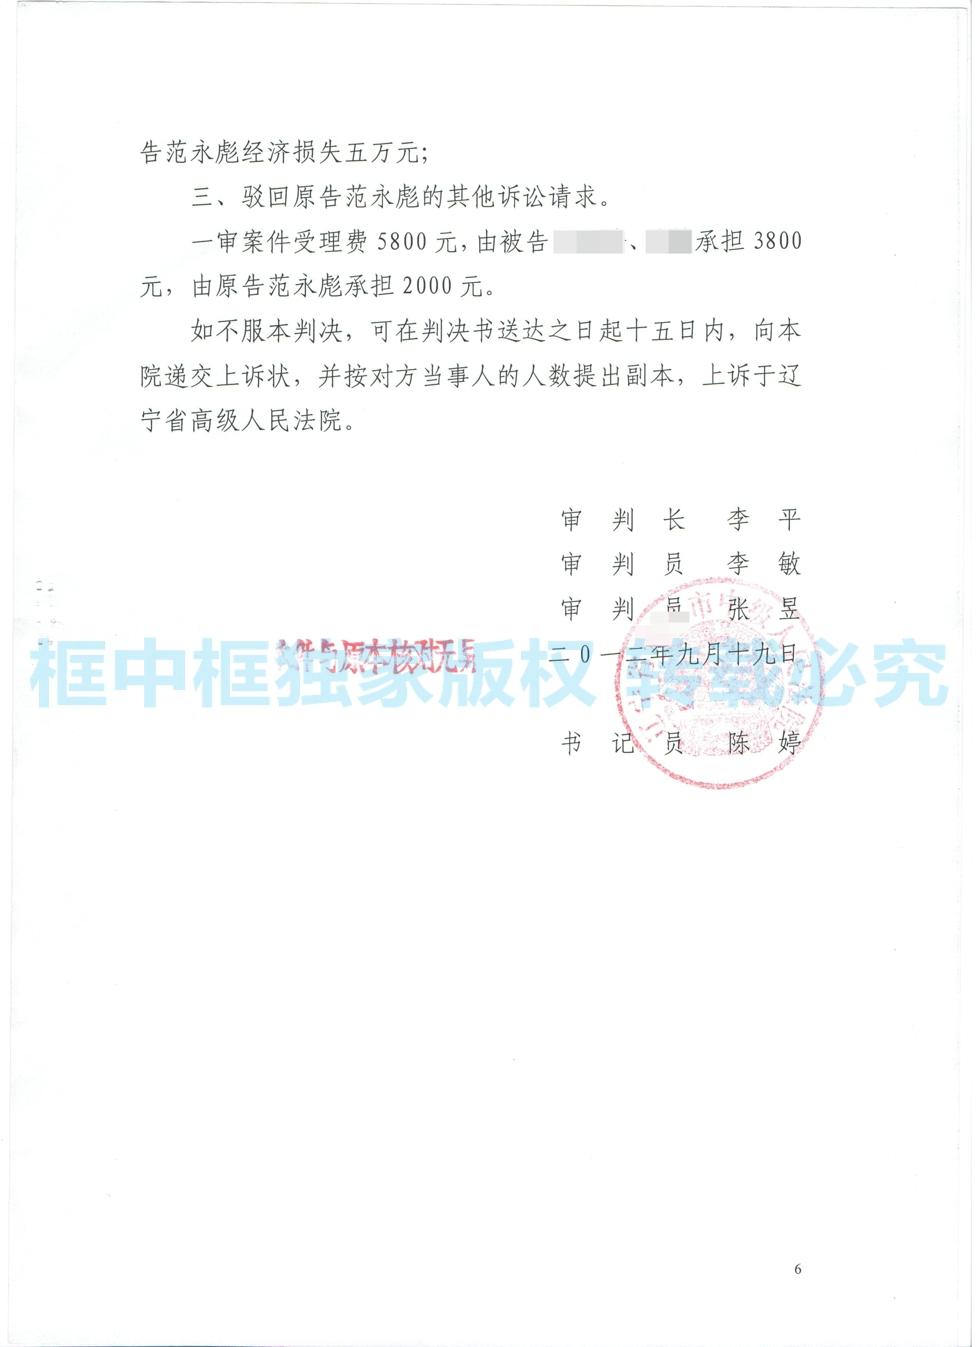 中级人民法院判决书1-6